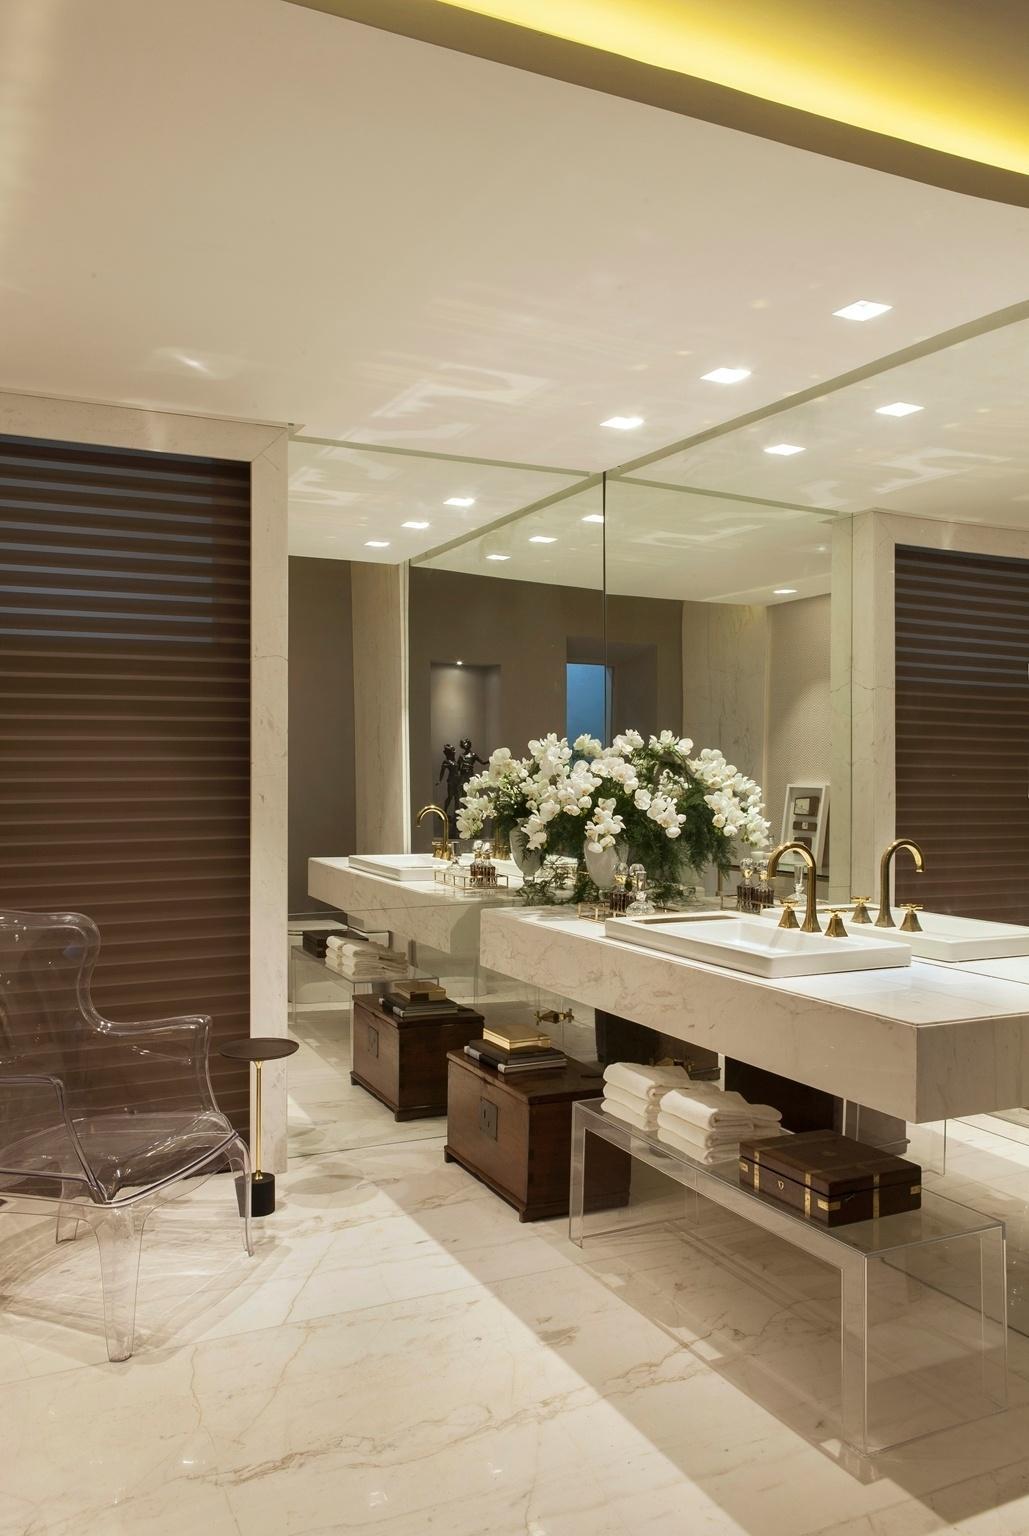 Casa Cor PE - 2016: apesar de luxuoso, o Lavabo Social, desenhado por Ju Nejaim, não cai na ostentação óbvia. Os elementos usados comumente em espaços clássicos, como o mármore e os espelhos, estão lá, mas o mobiliário ganha ares modernos pelo uso do acrílico. O